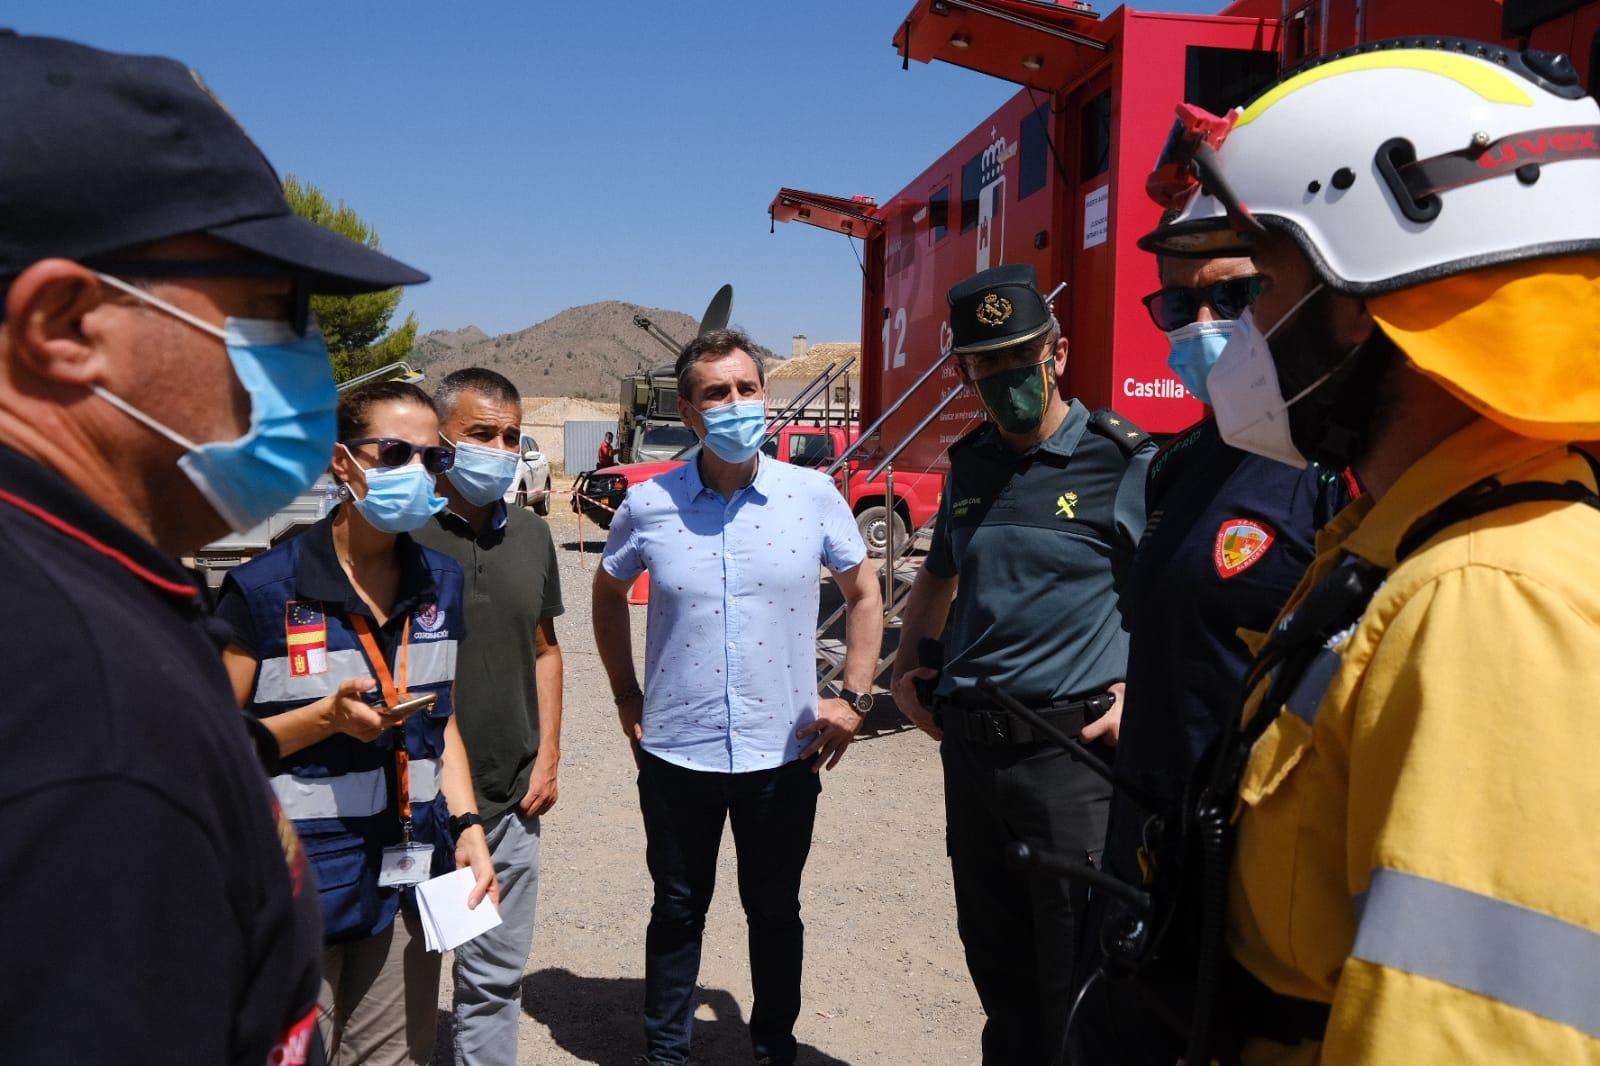 El delegado del Gobierno en Castilla-La Mancha ha presenciado el trabajo realizado para luchar contra el incendio que se inició a última hora de la tarde de ayer en Férez (Albacete)